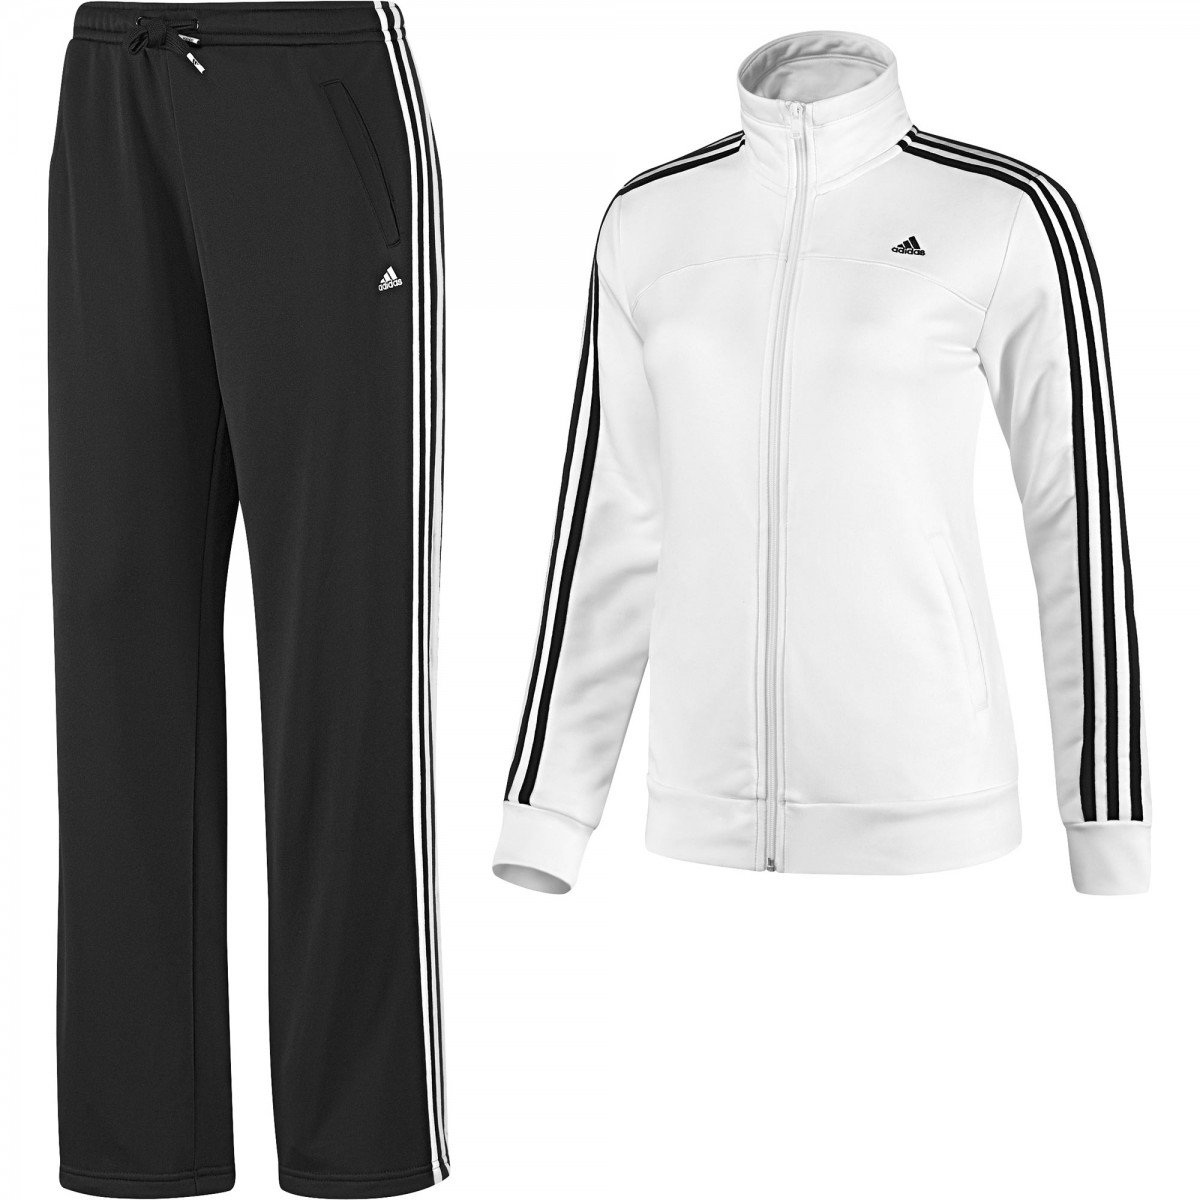 Agasalho Adidas Ess 3s Knit WOM - Compre Agora  c85f0edfa3e75